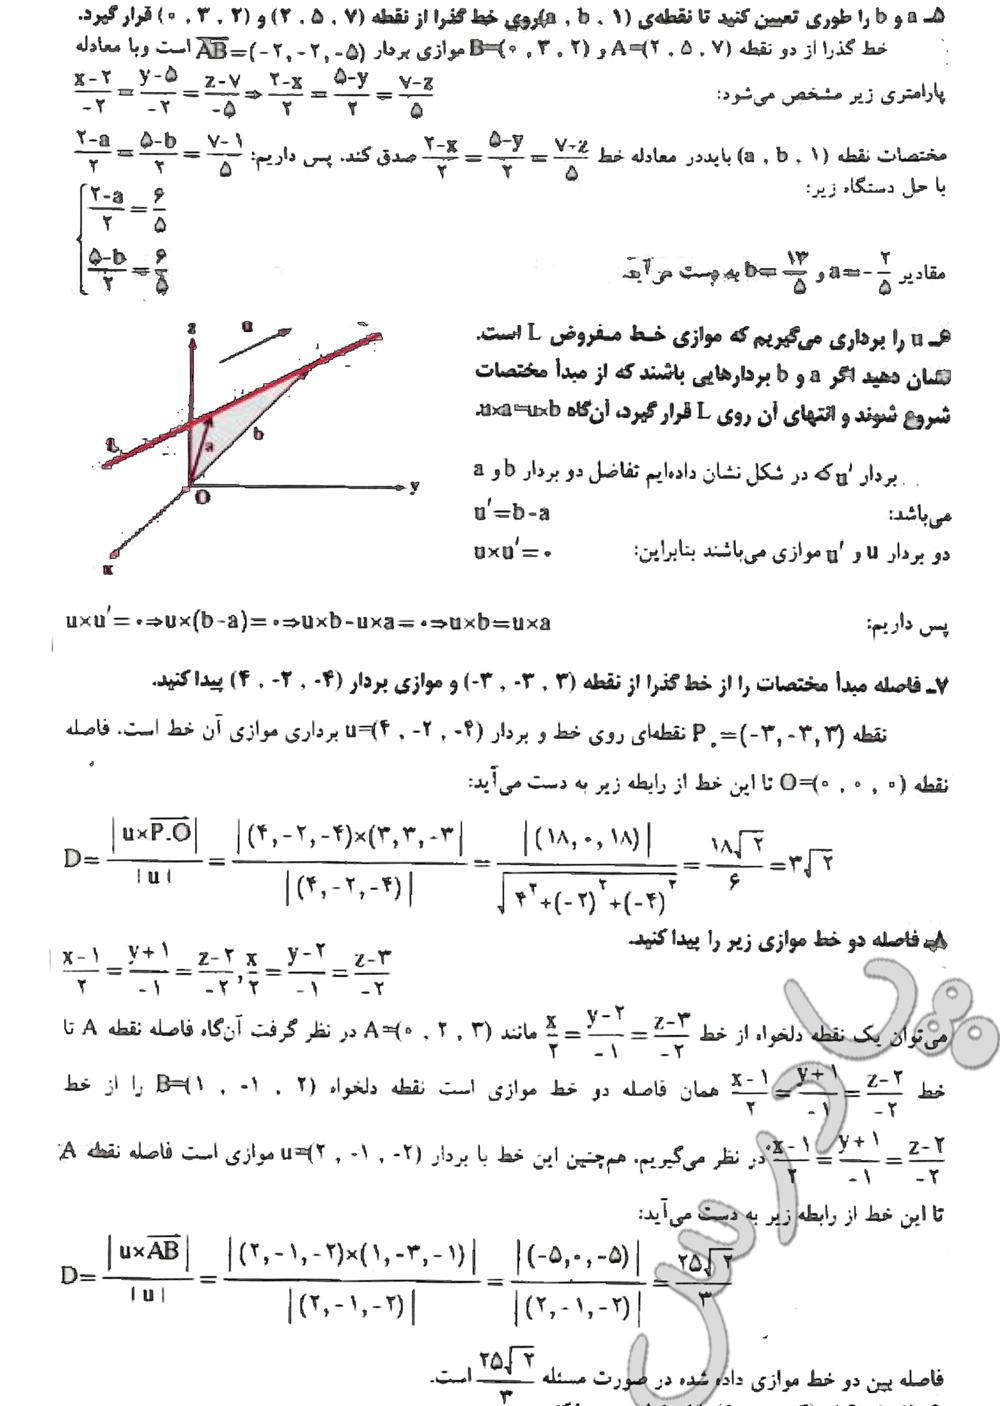 حل تمرین 5تا8 صفحه 41 فصل دوم هندسه تحلیلی پیش دانشگاهی